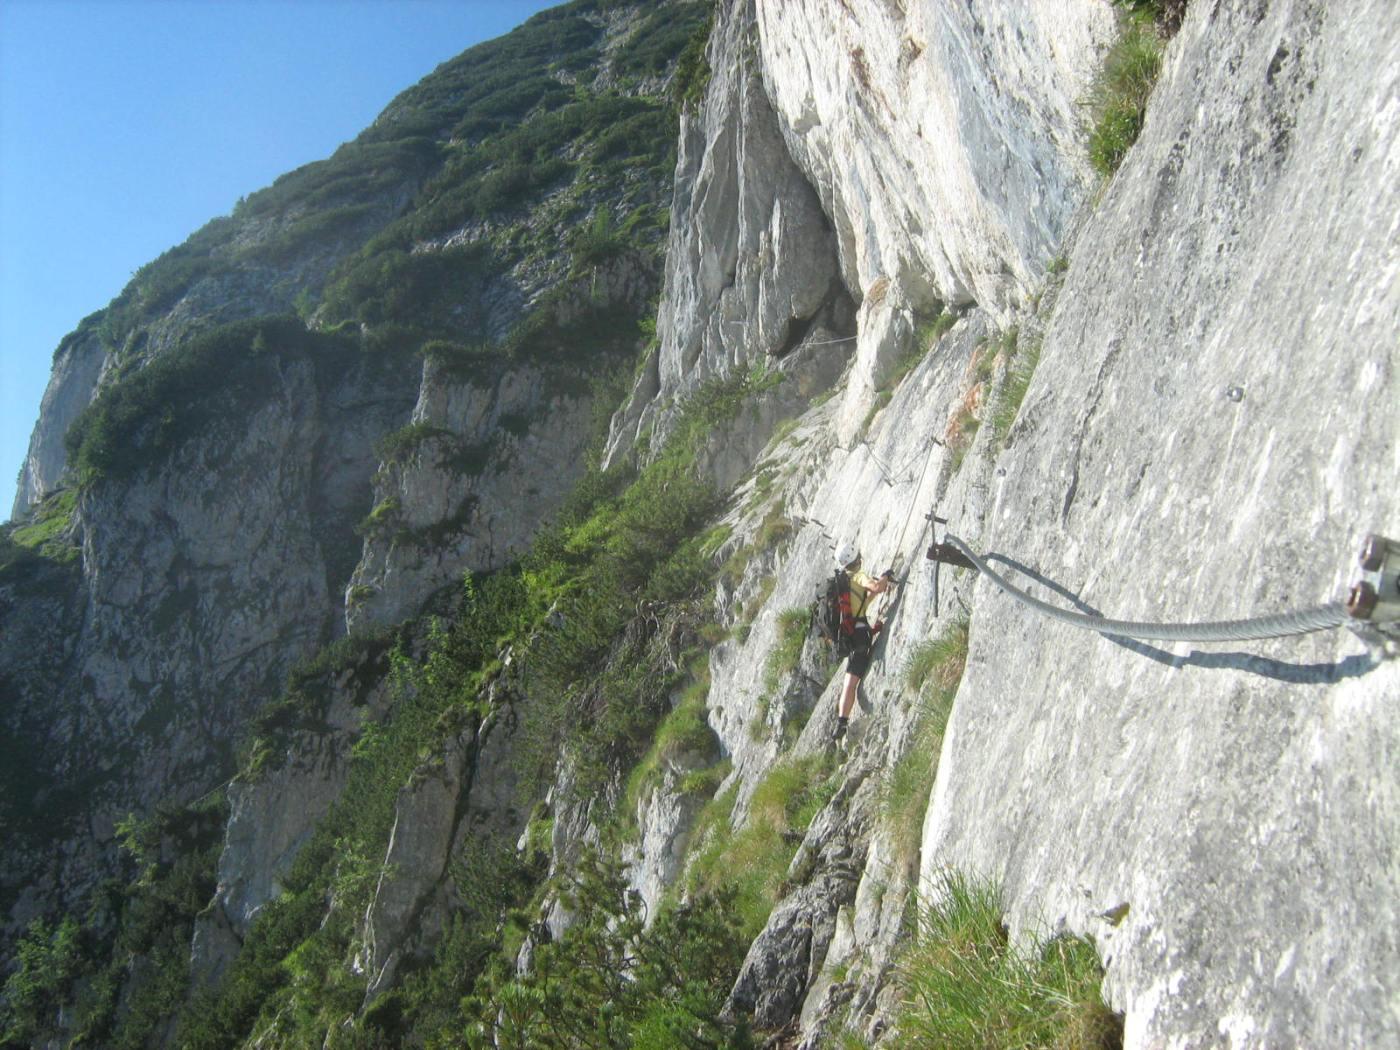 Klettersteig Zell Am See : Großer donnerkogel 2054m intersport klettersteig d mein erster